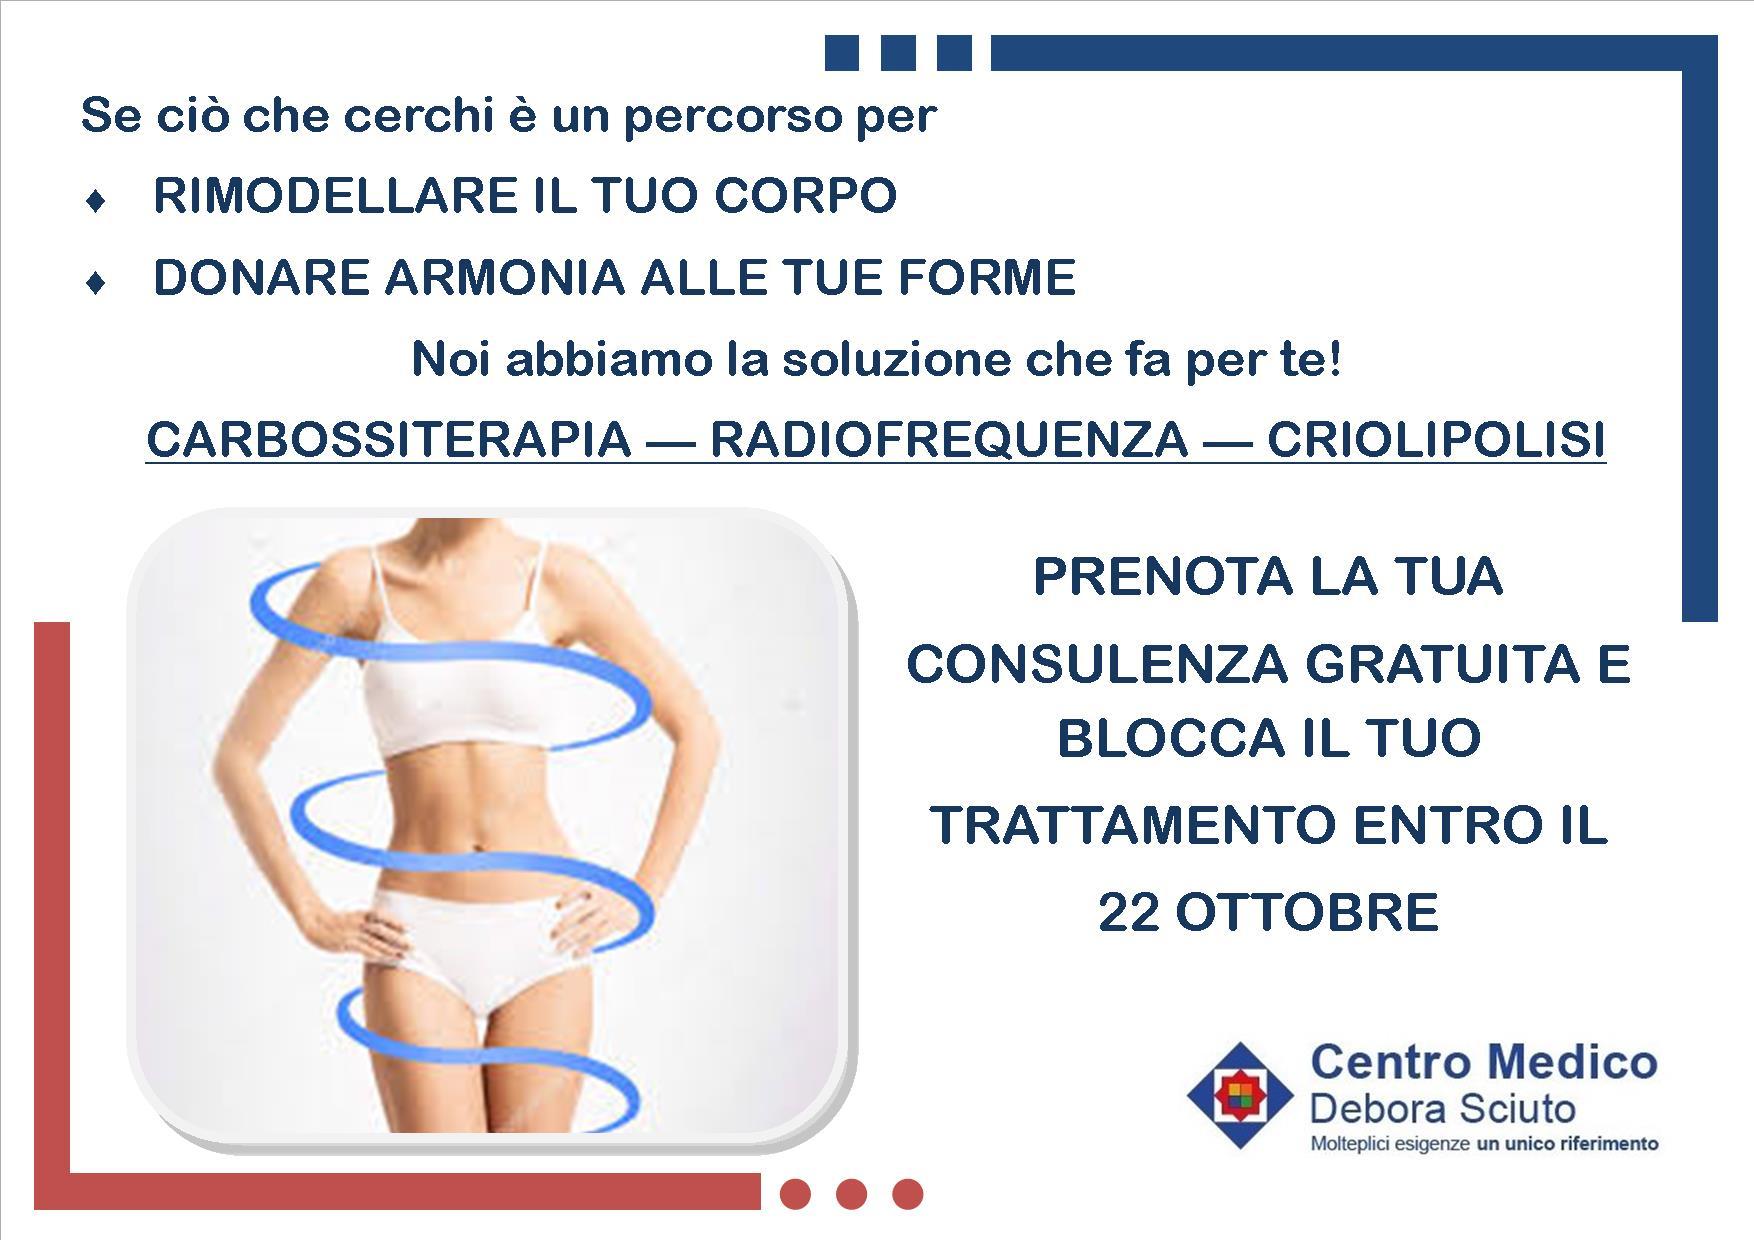 locandina trattamenti corpo